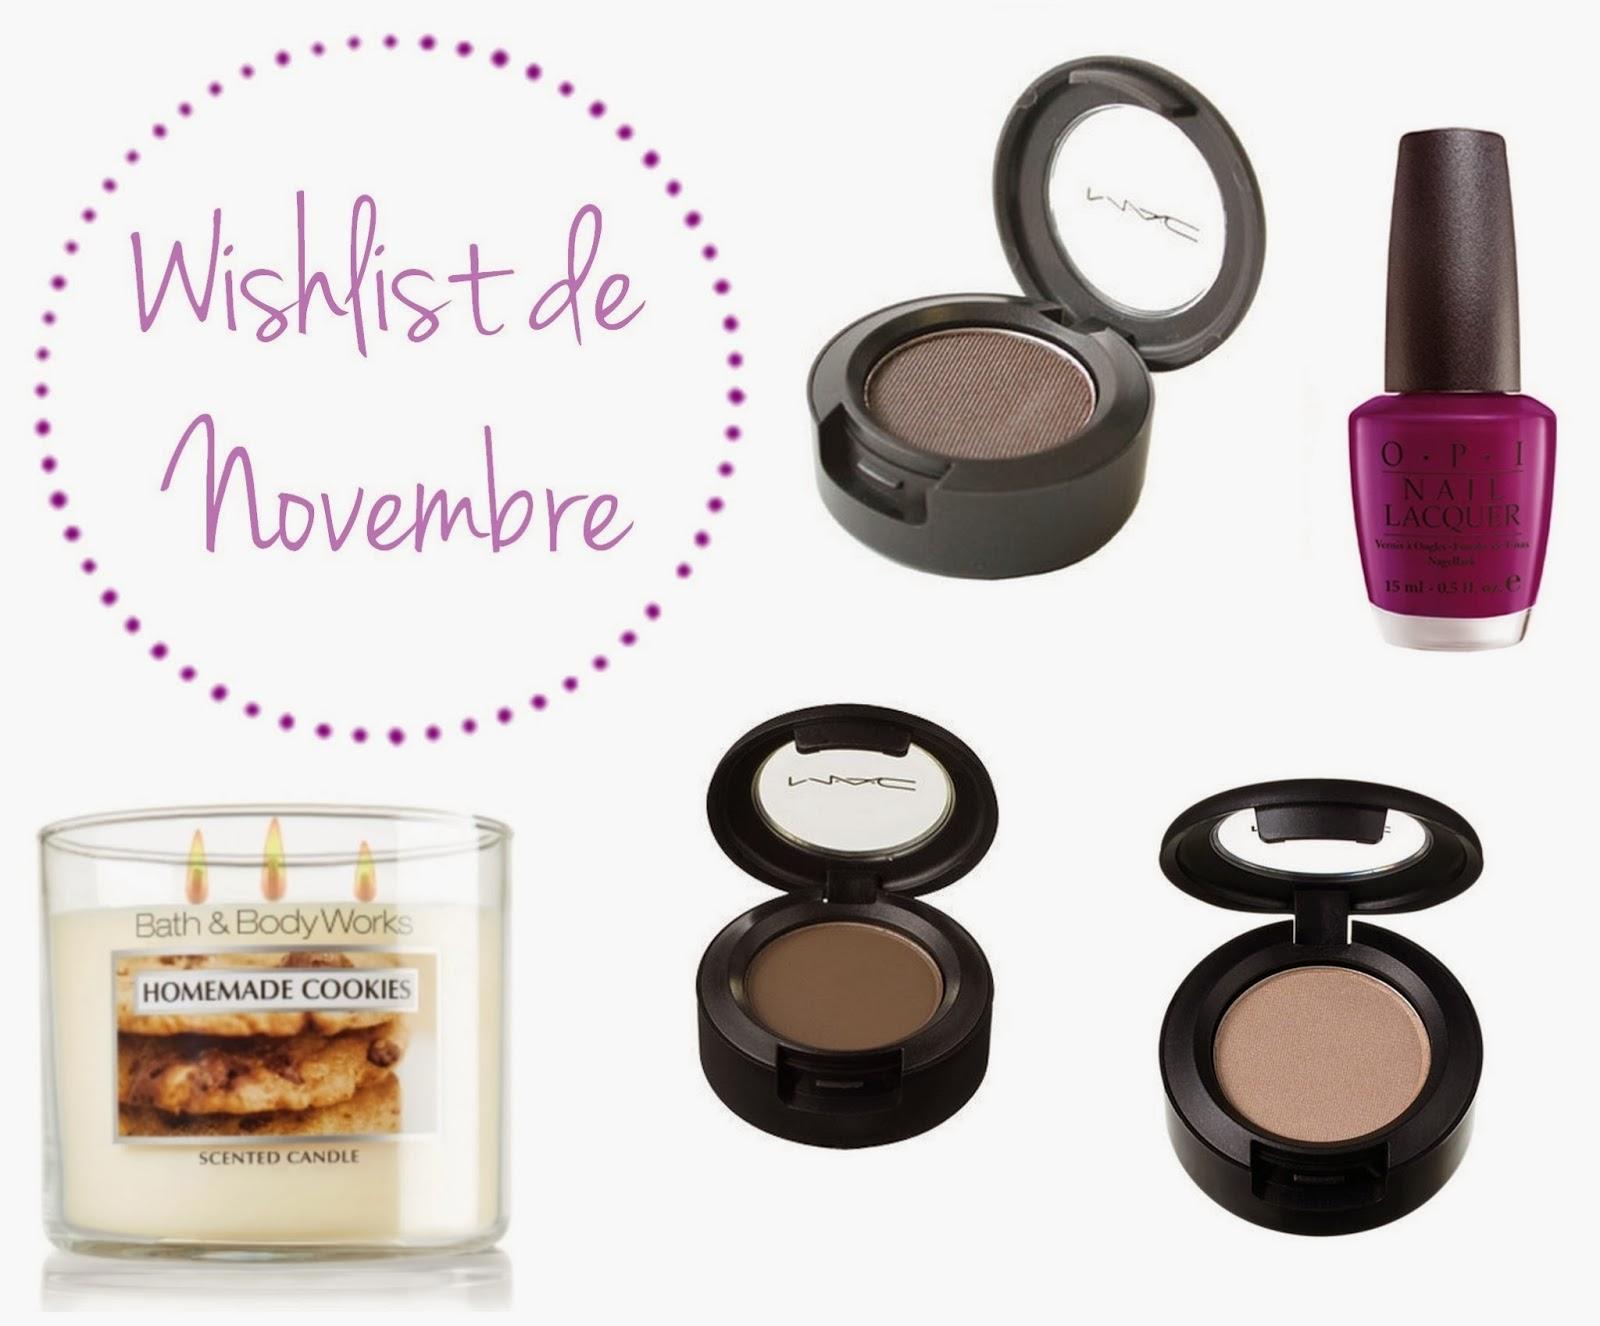 http://www.dreamingsmoothly.com/2013/11/ma-wishlist-de-novembre.html